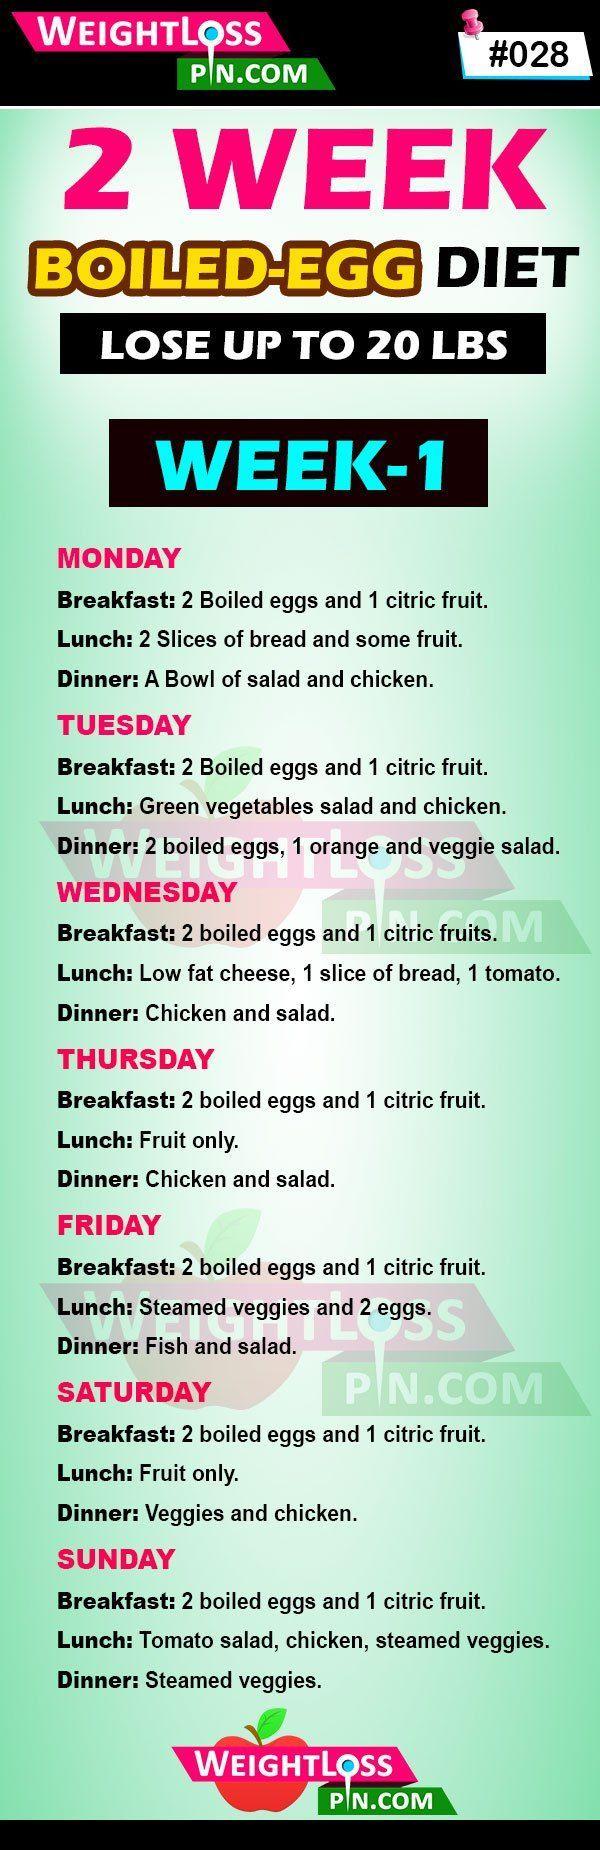 Pierdere în greutate de 5 lire în 2 săptămâni